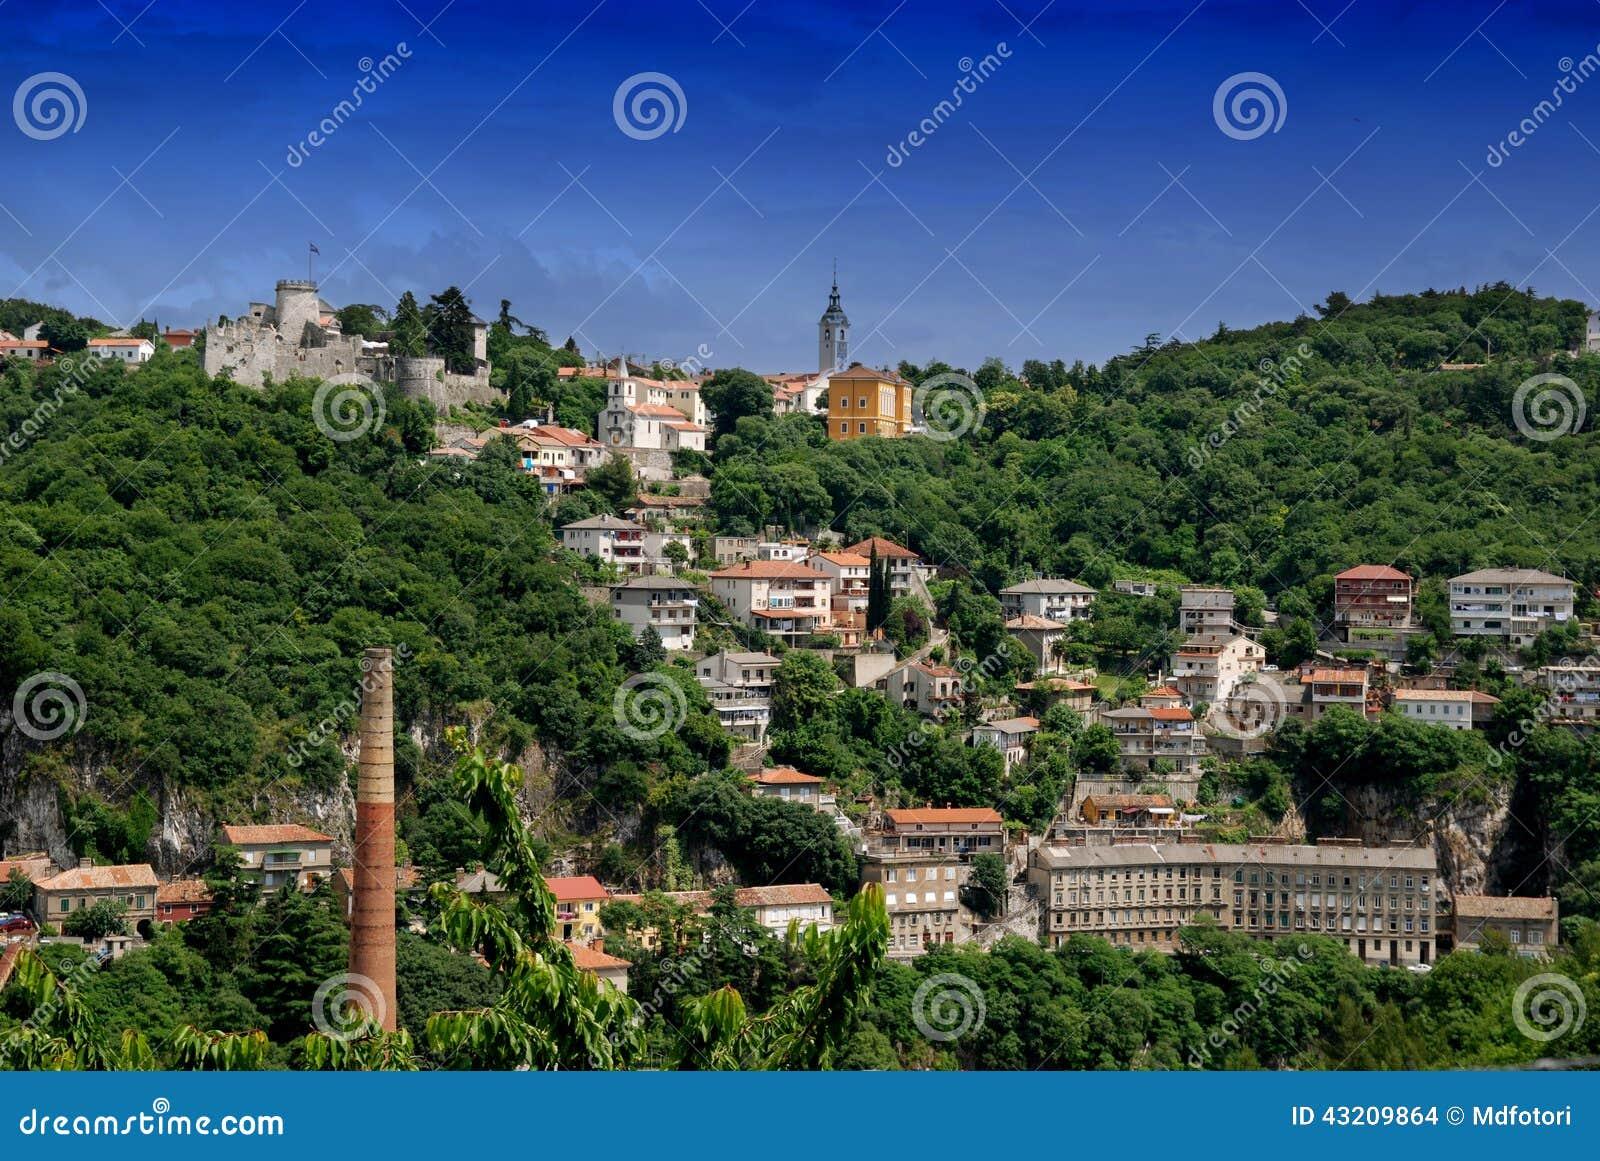 Download Panoramautsikt Av Rijeka, Kroatien Arkivfoto - Bild av stad, fort: 43209864